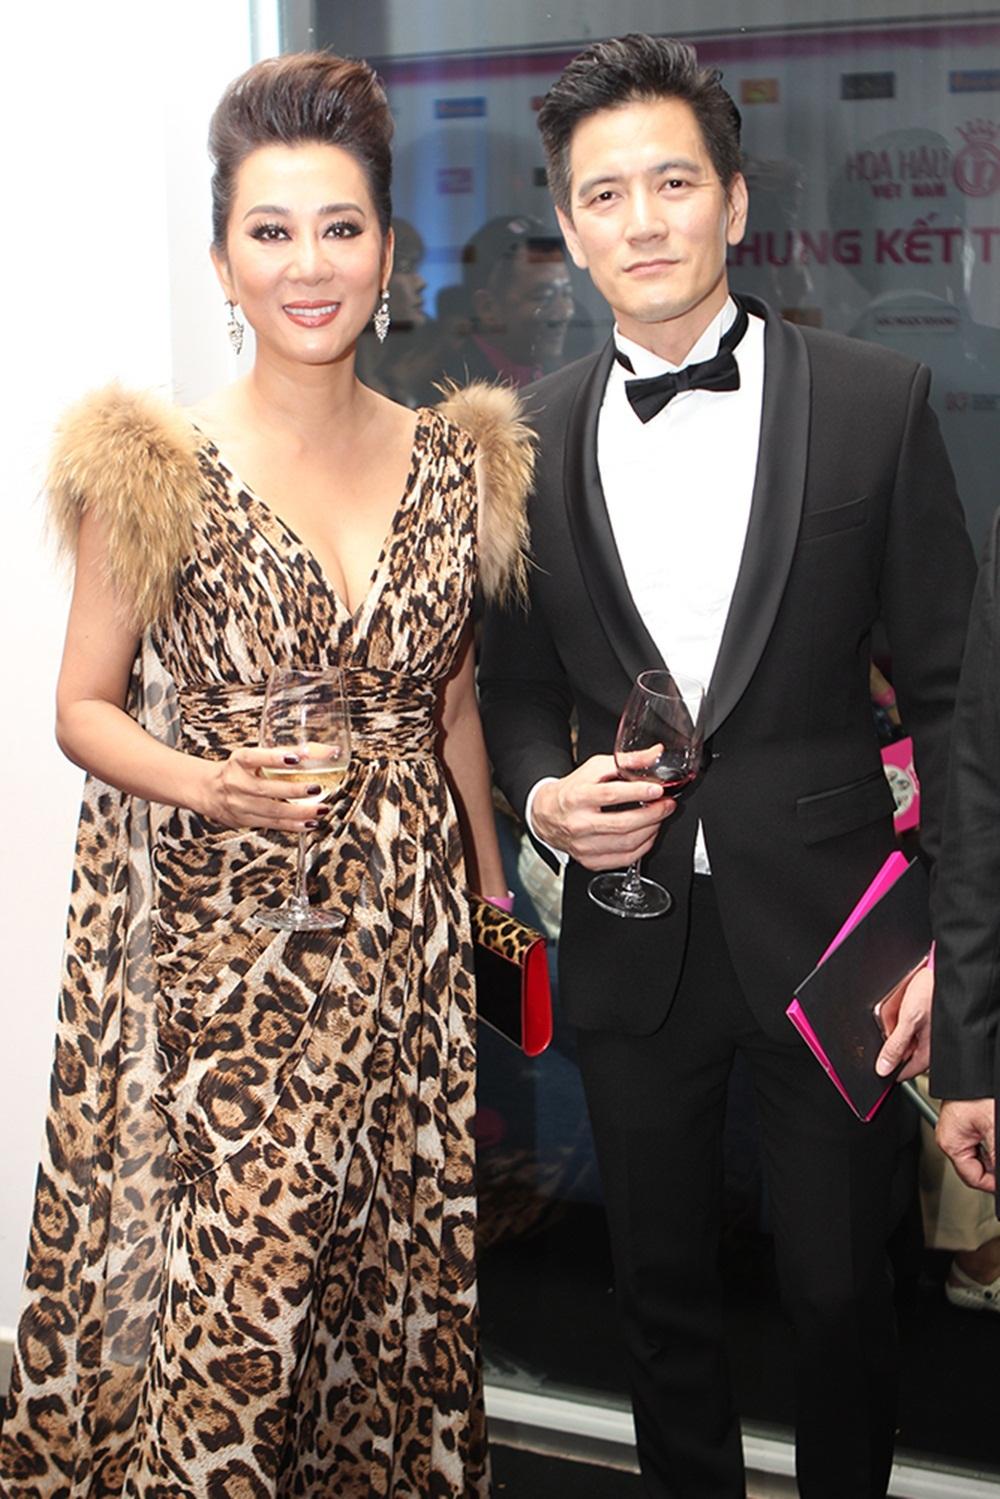 MC Nguyễn Cao Kỳ Duyên và bạn trai xuất hiện lộng lẫy tại đêm chung kết Hoa hậu Việt Nam cùng những tiếng reo mừng của khán giả